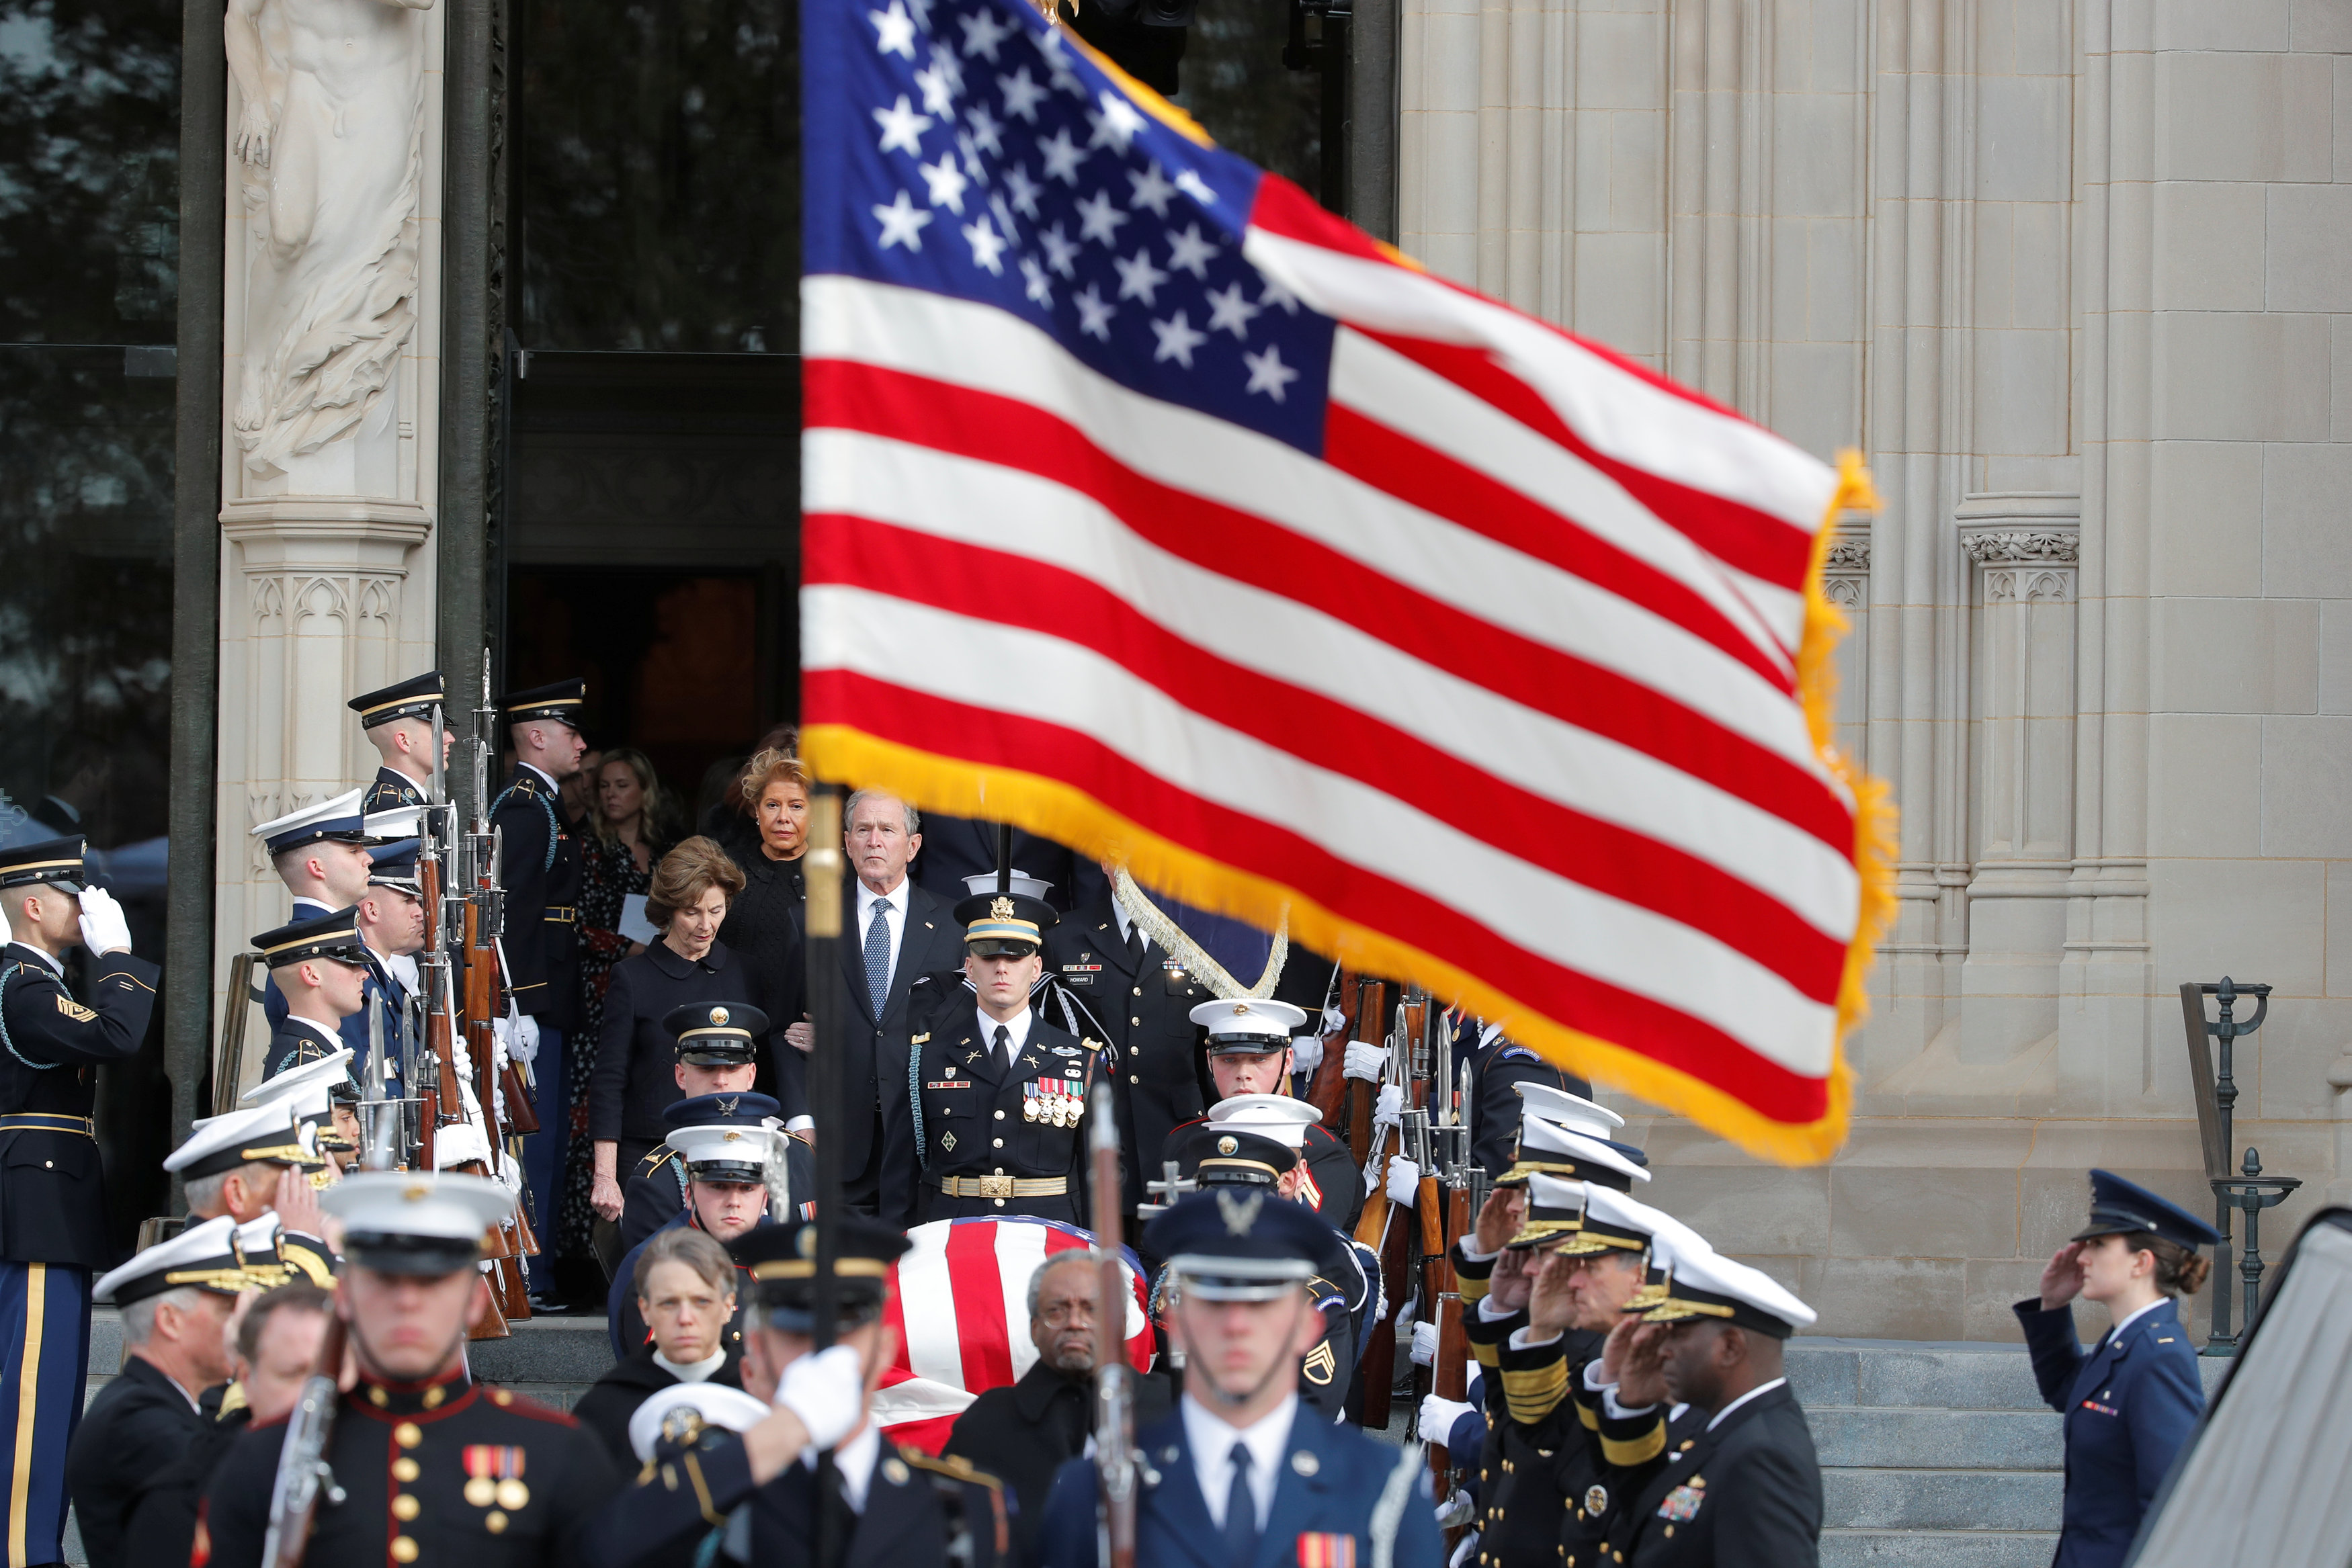 انطلاق مراسم جنازة الرئيس الأمريكى جورج بوش الأب (1)